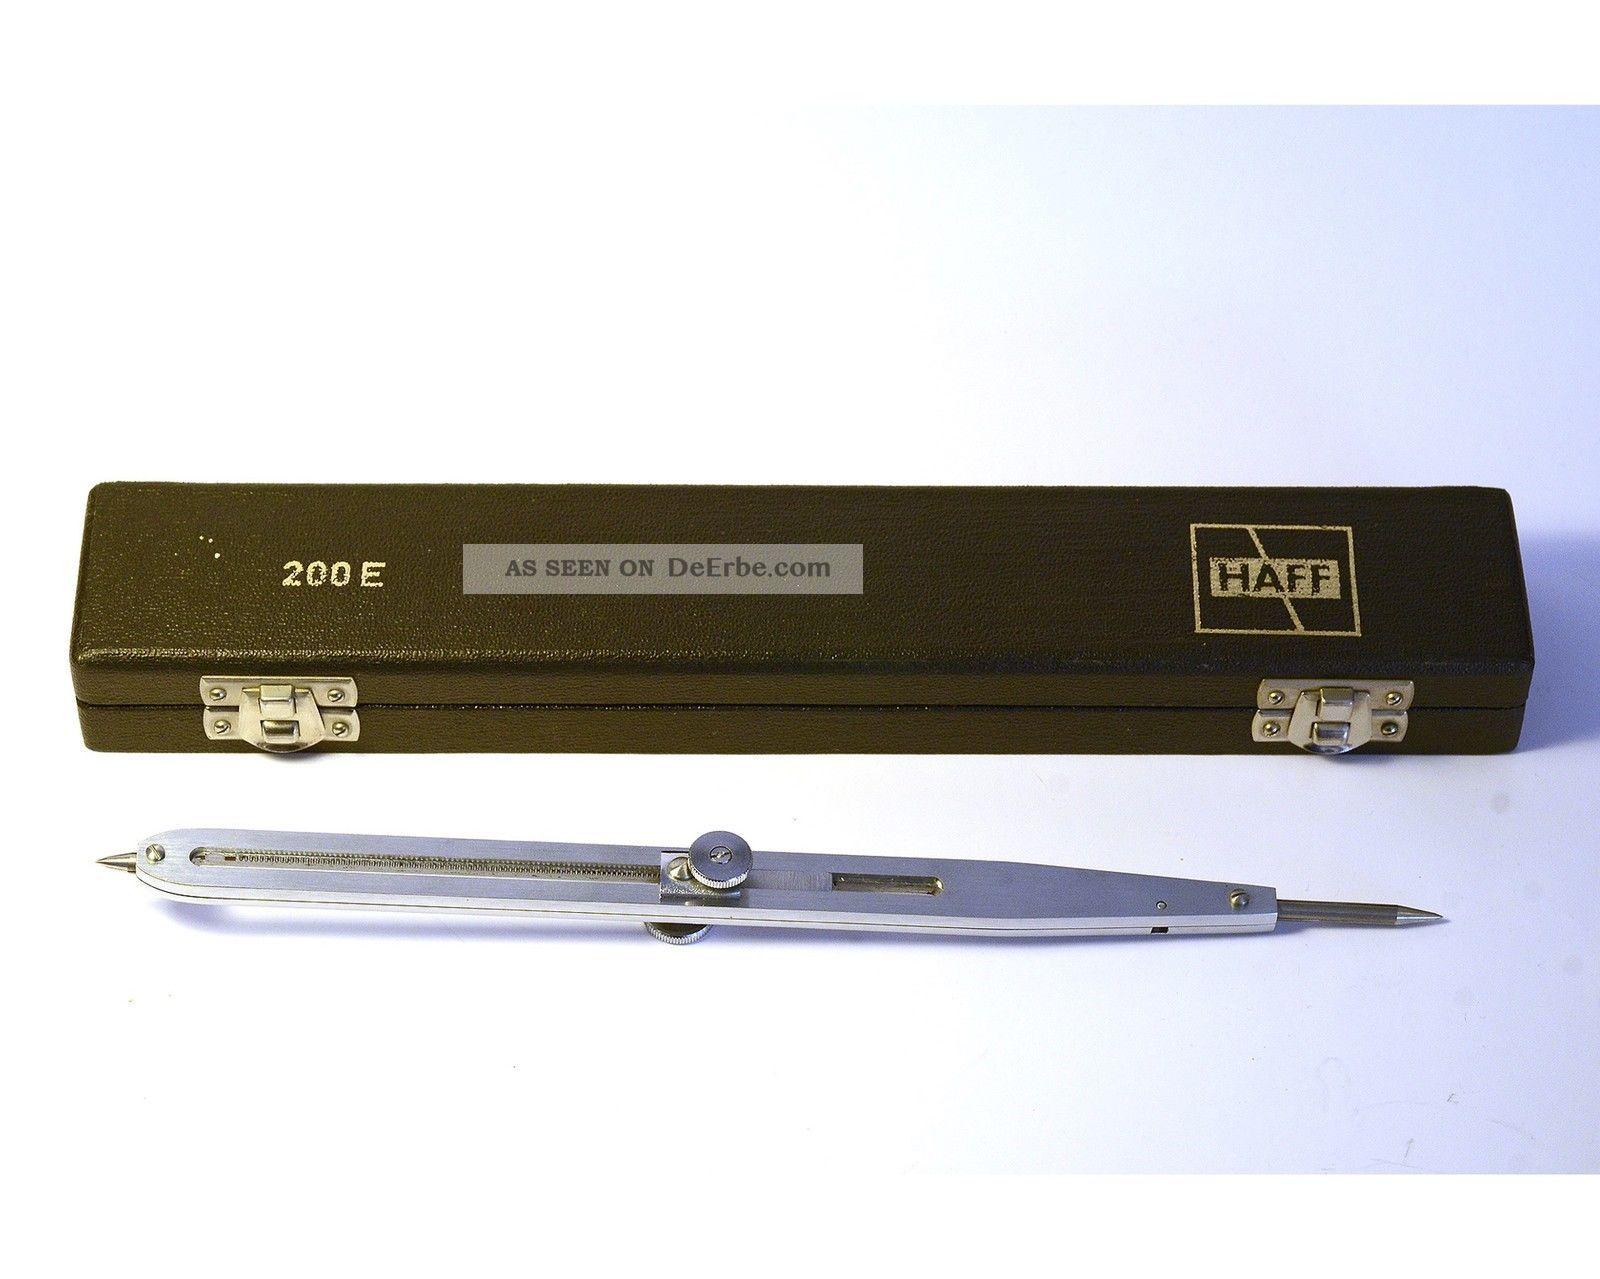 Haff Reduktionszirkel 200 E Wissenschaftliche Instrumente Bild